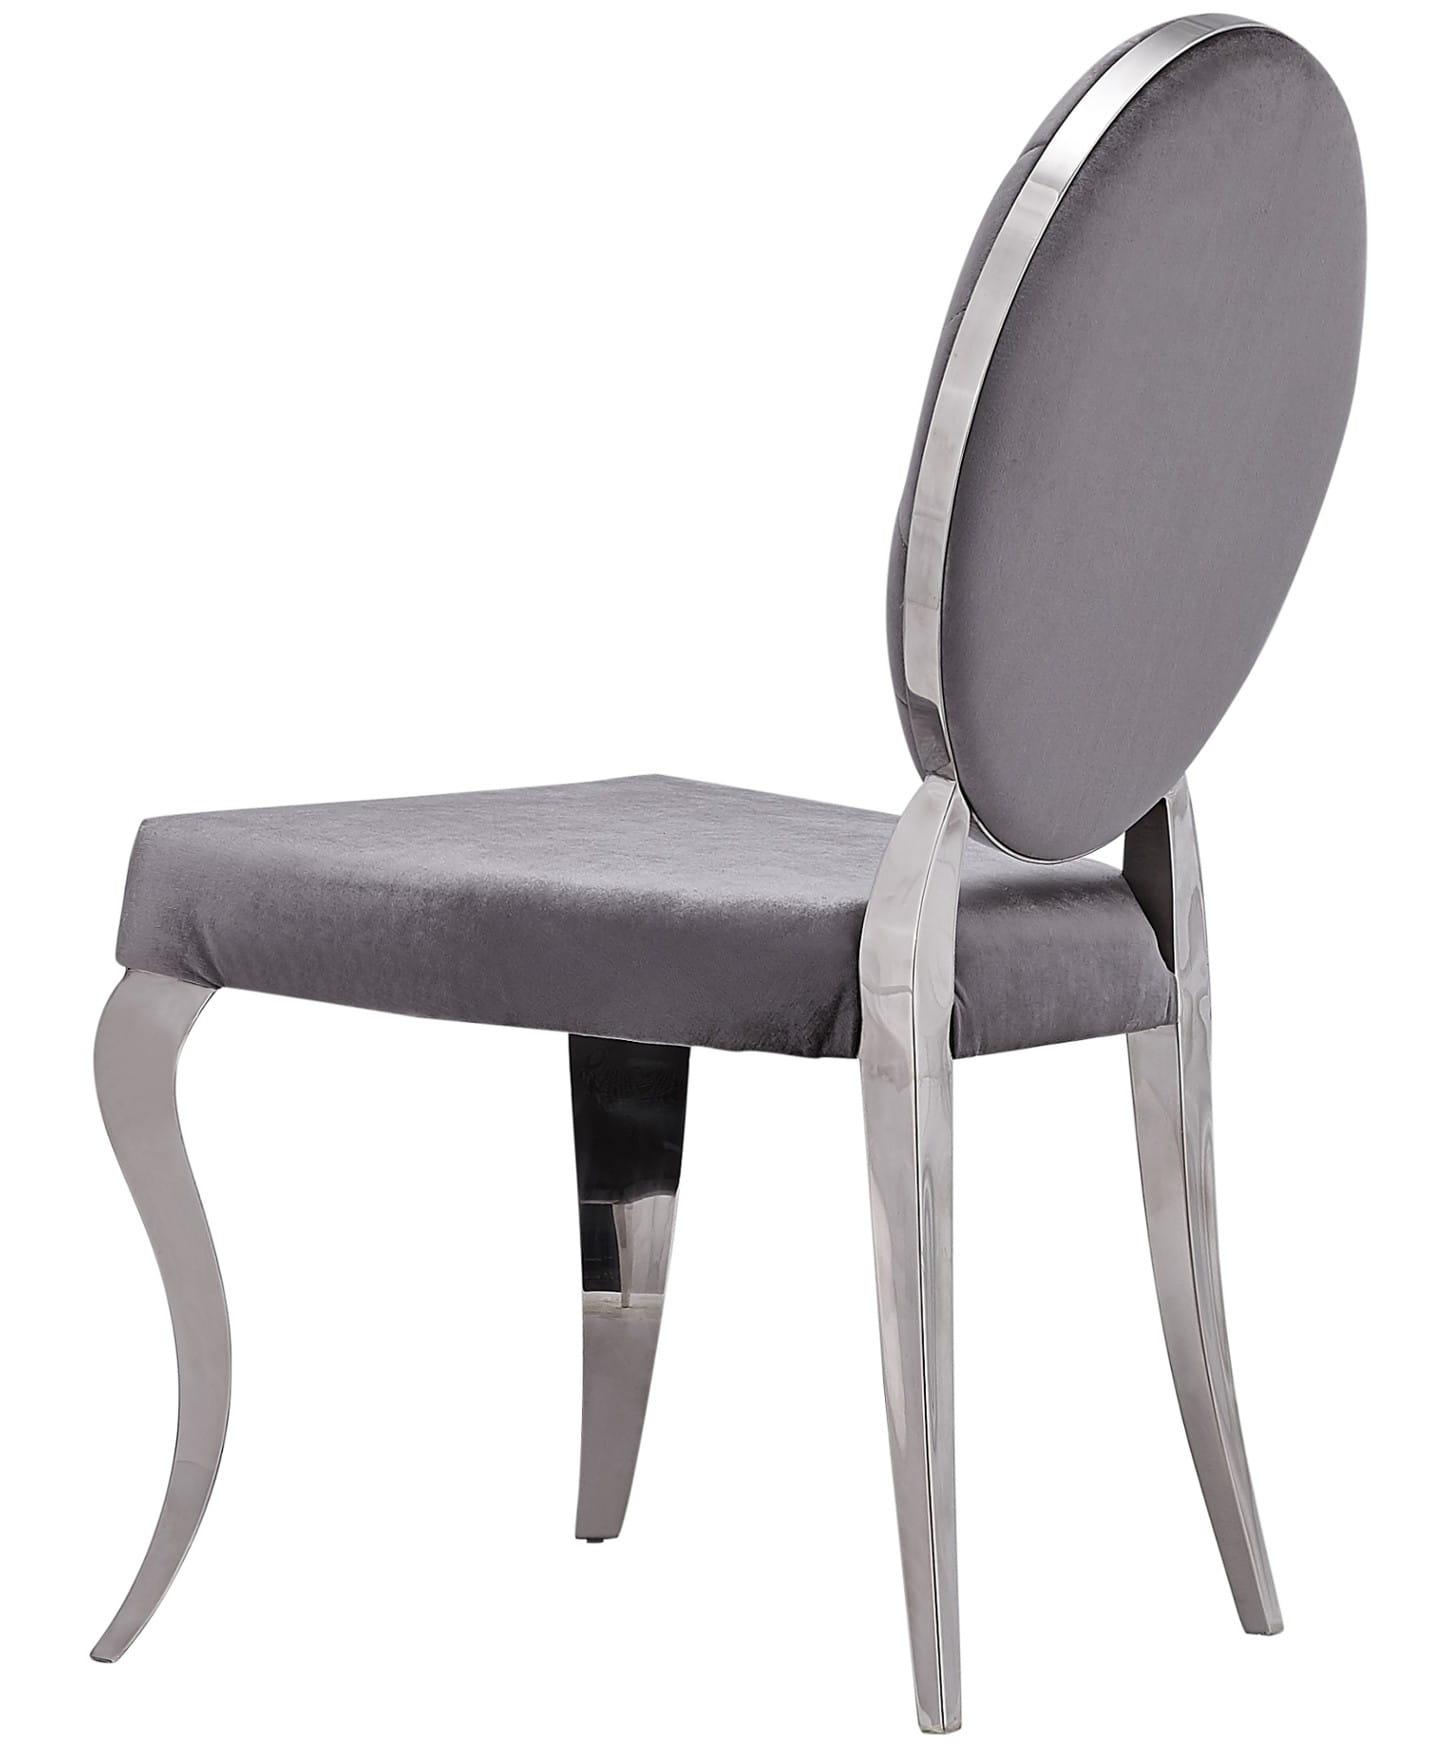 Niewiarygodnie krzesło stylowe glamour pikowane szare krzesła PW13